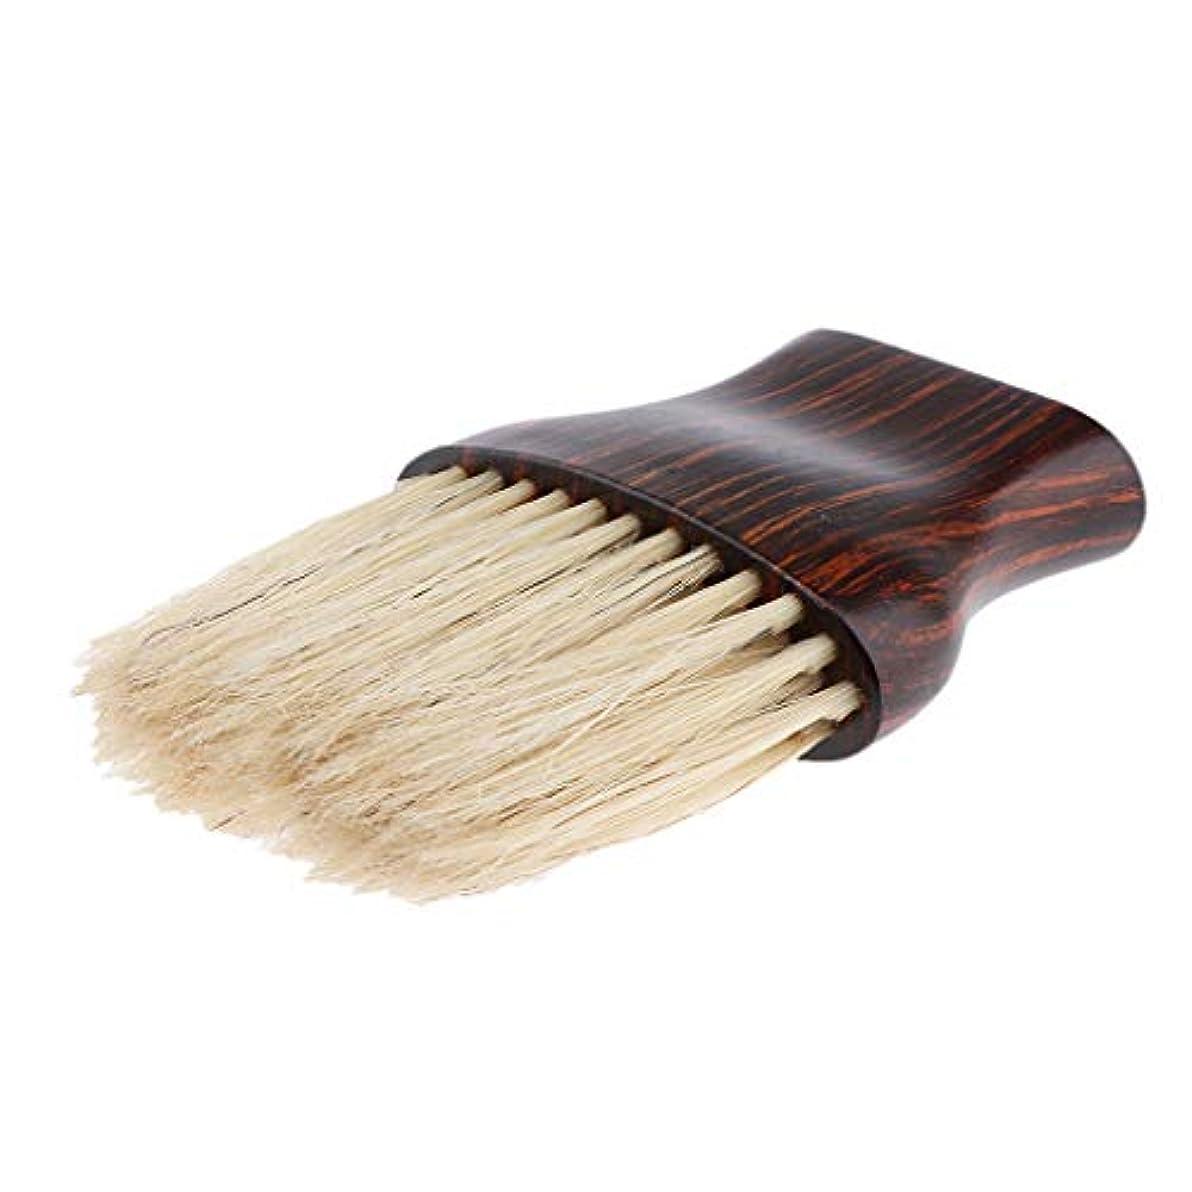 神経衰弱マリン記述するToygogo ネックダスターブラシ ヘアカットブラシ クリーニング ブラシ 毛払いブラシ 散髪 髪切り